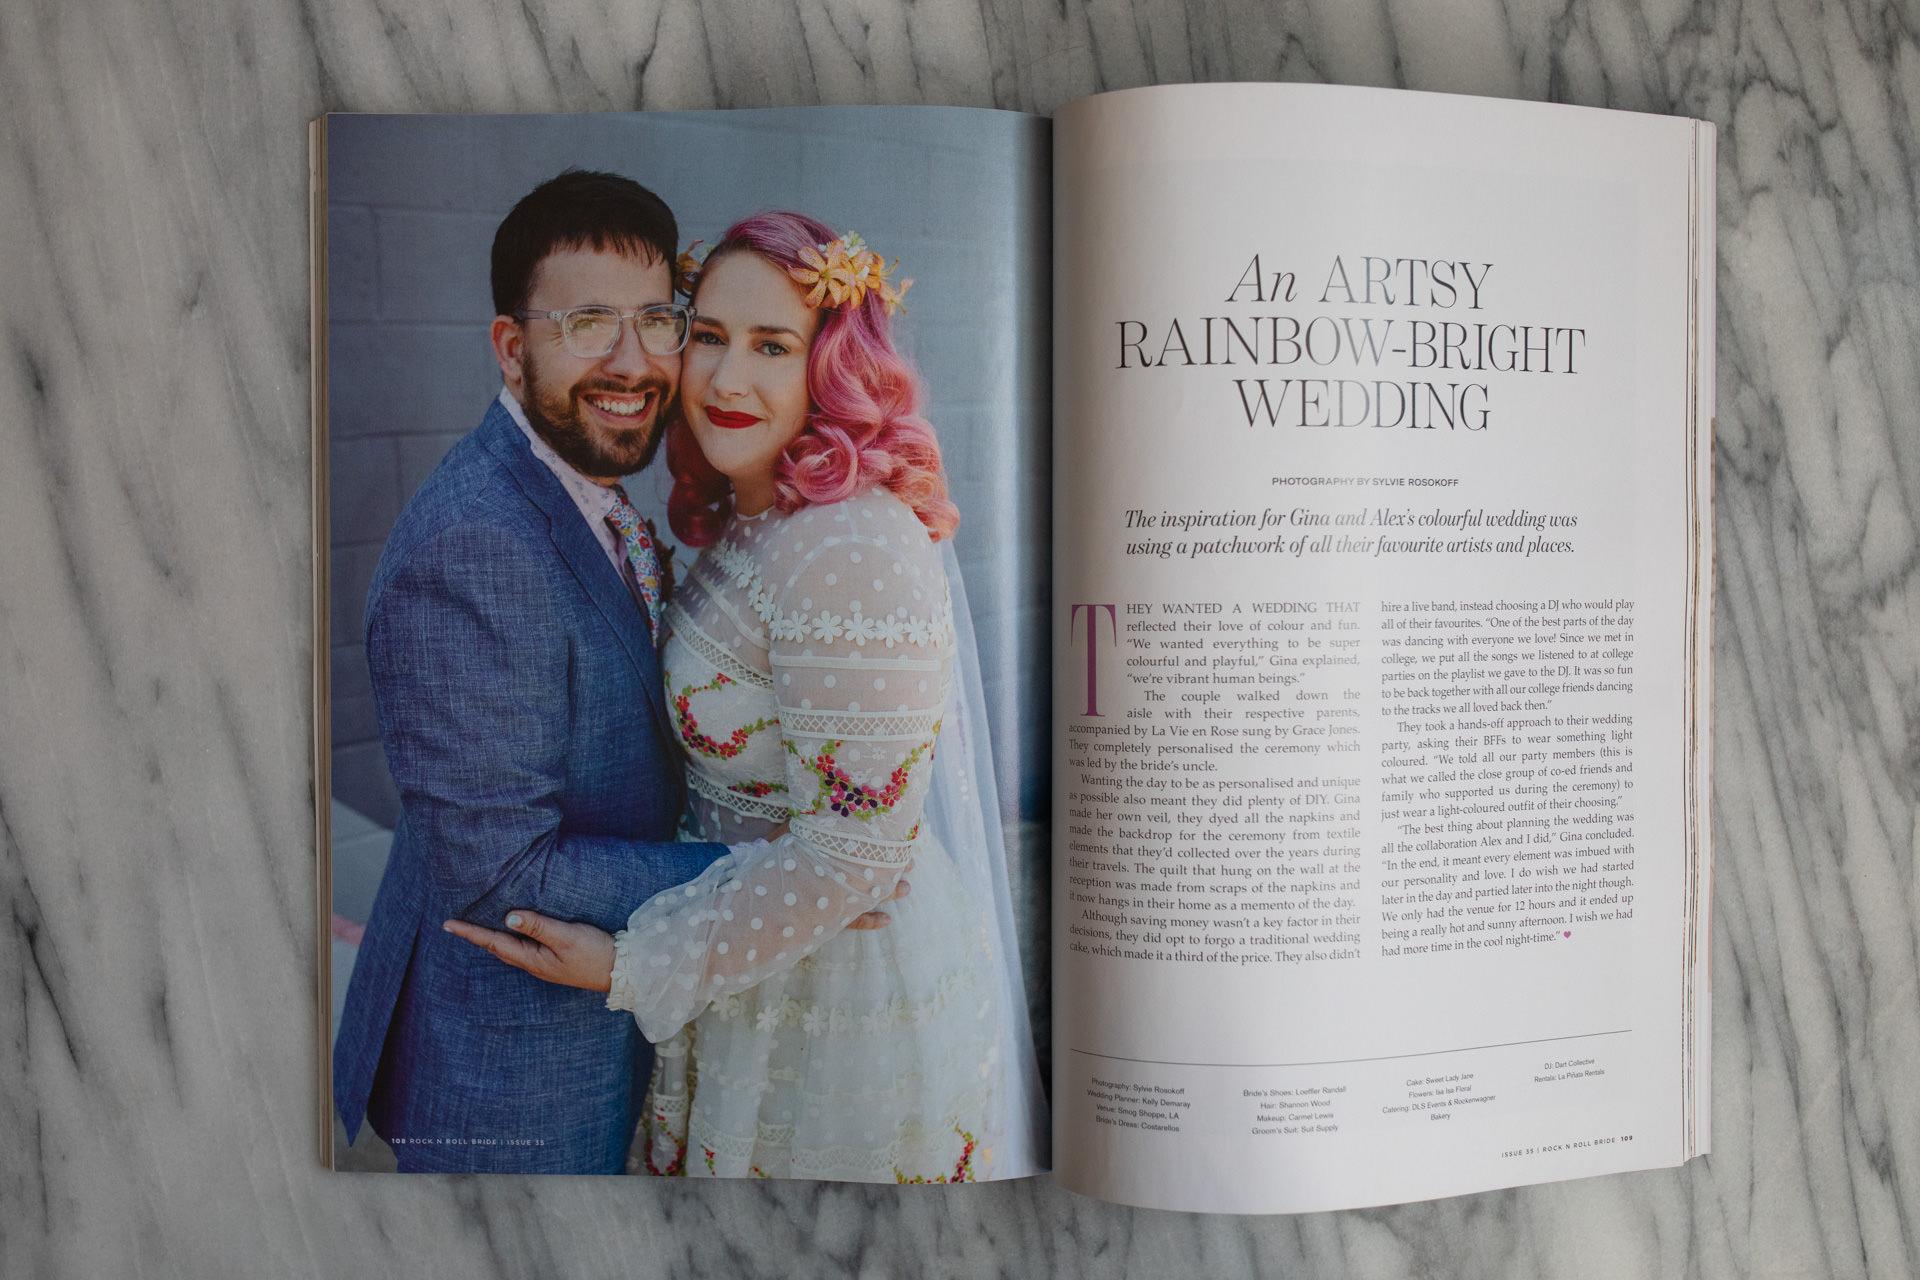 an artsy rainbow bright wedding featured in rock n roll bride magazine